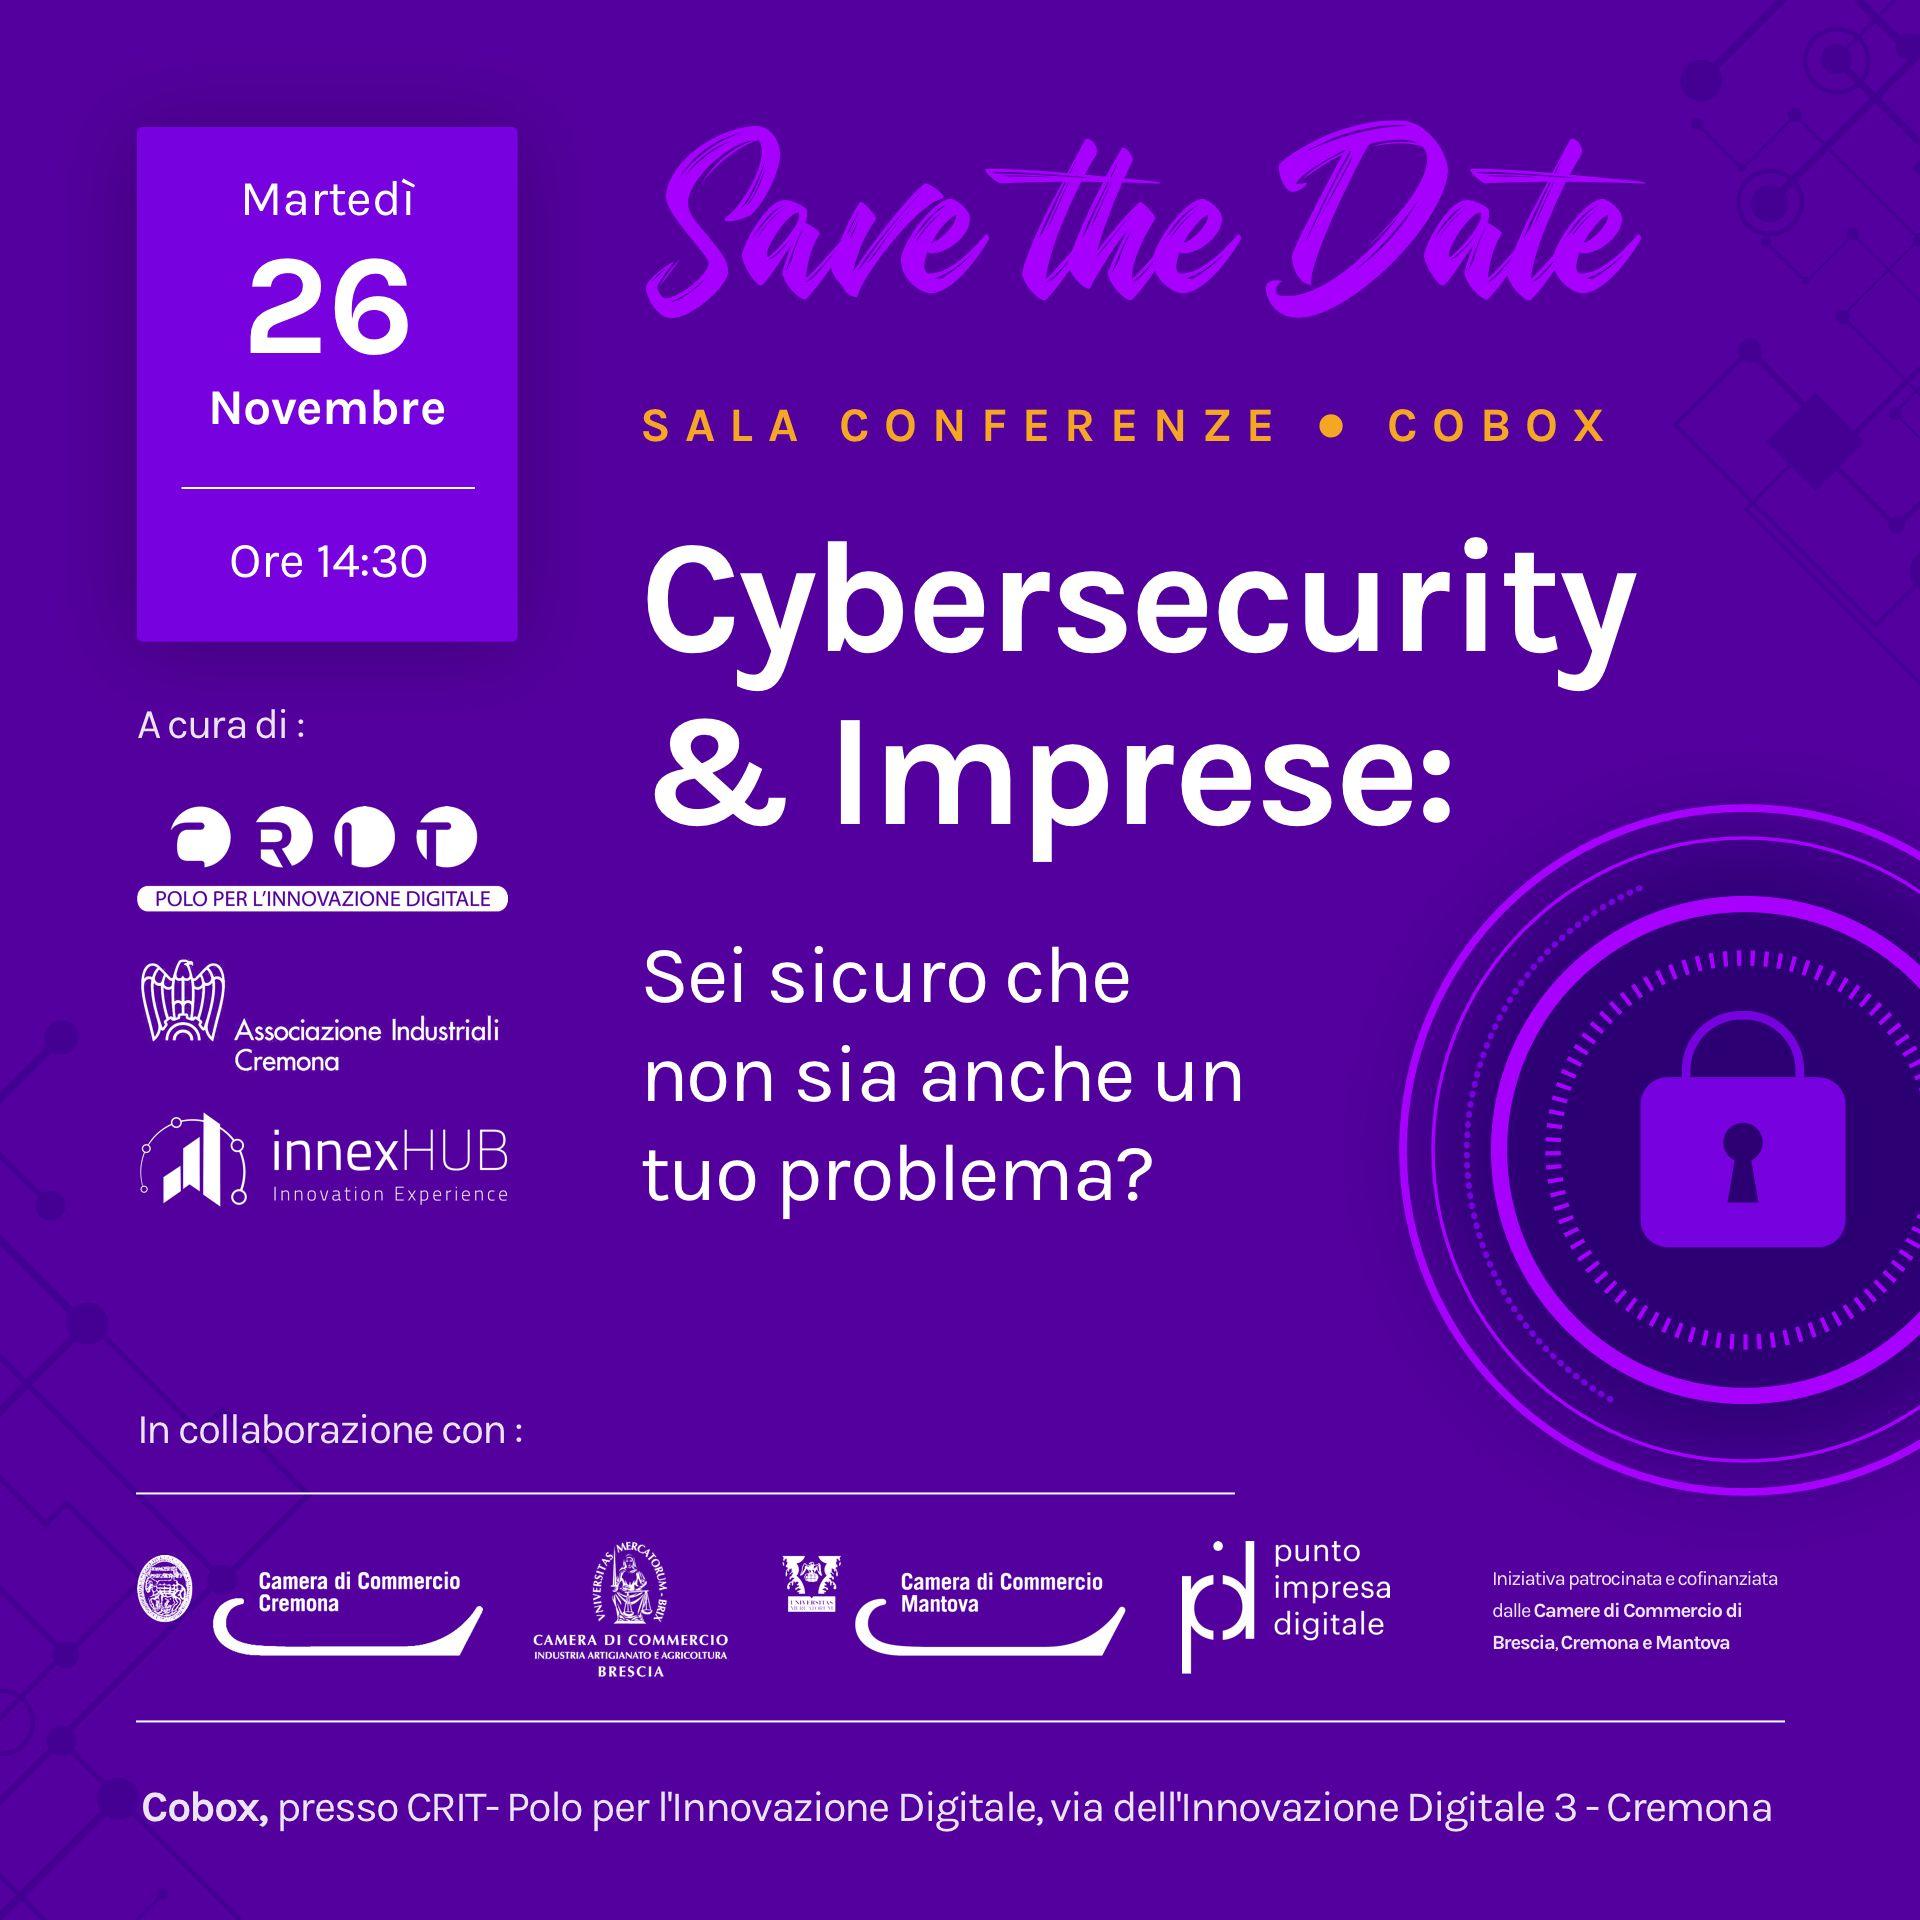 Cybersecutiry & Imprese: sei sicuro che non sia anche un tuo problema?